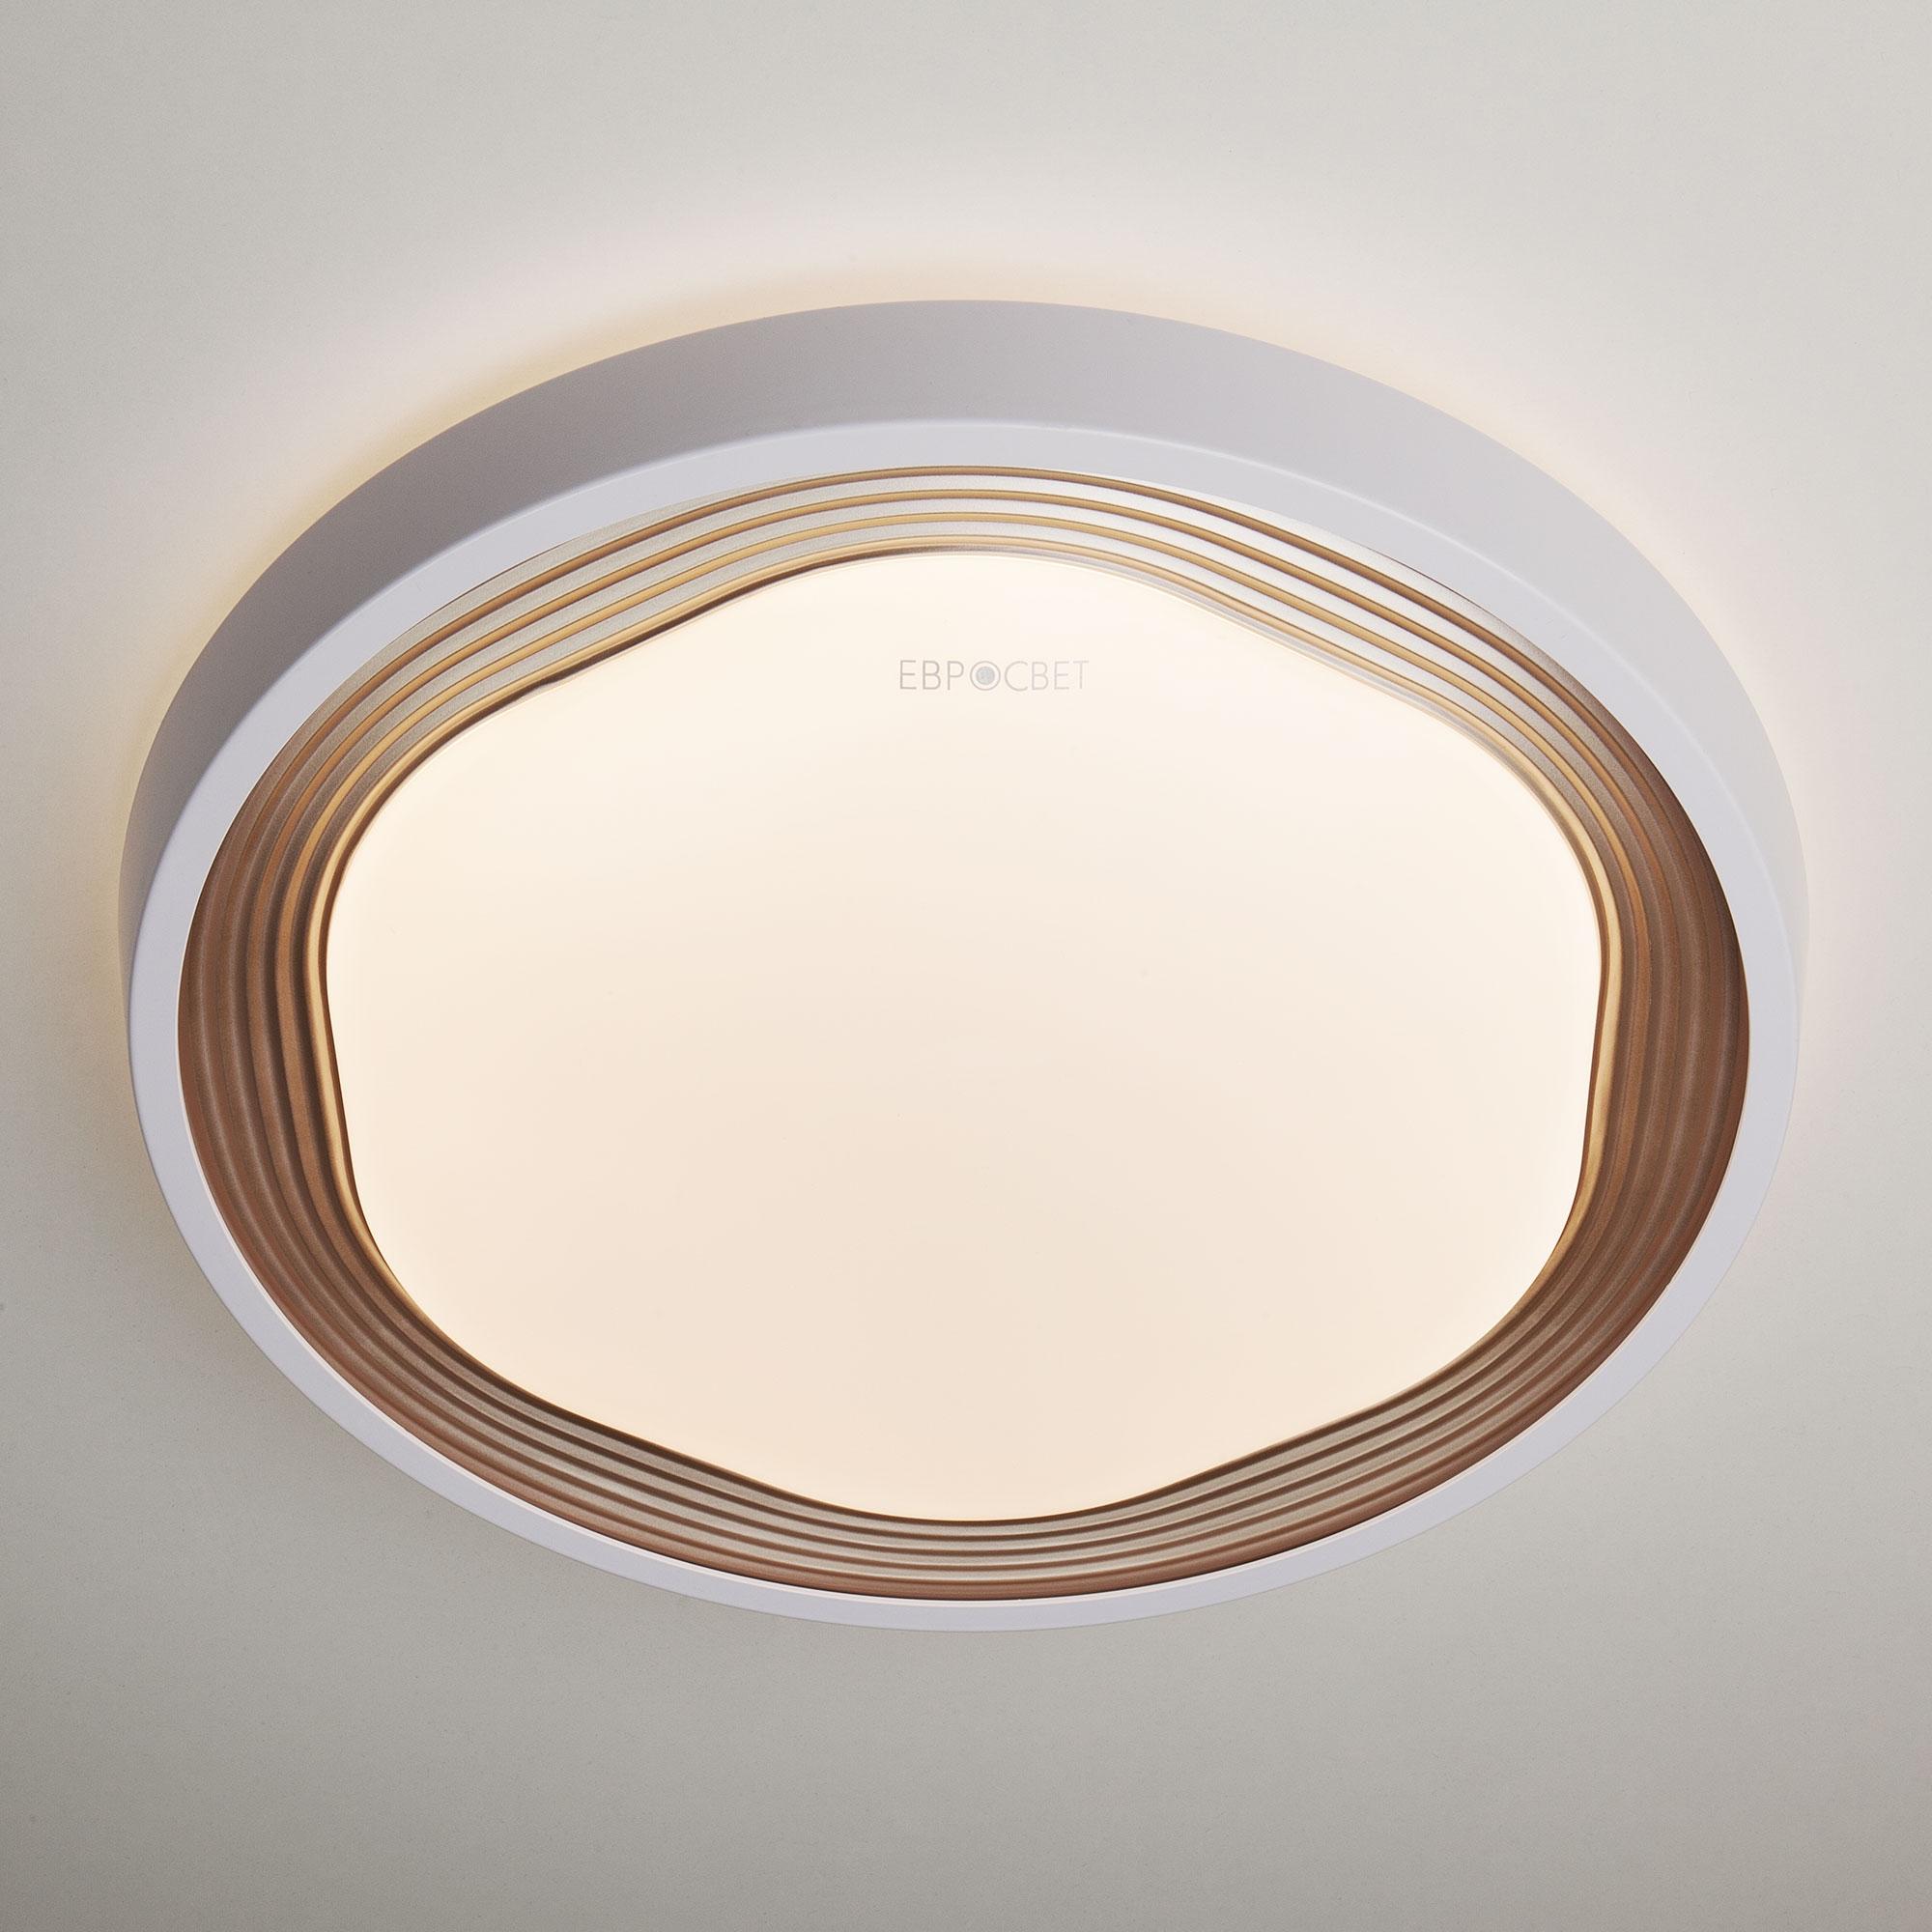 Потолочный светодиодный светильник Eurosvet Range 40005/1 LED кофе